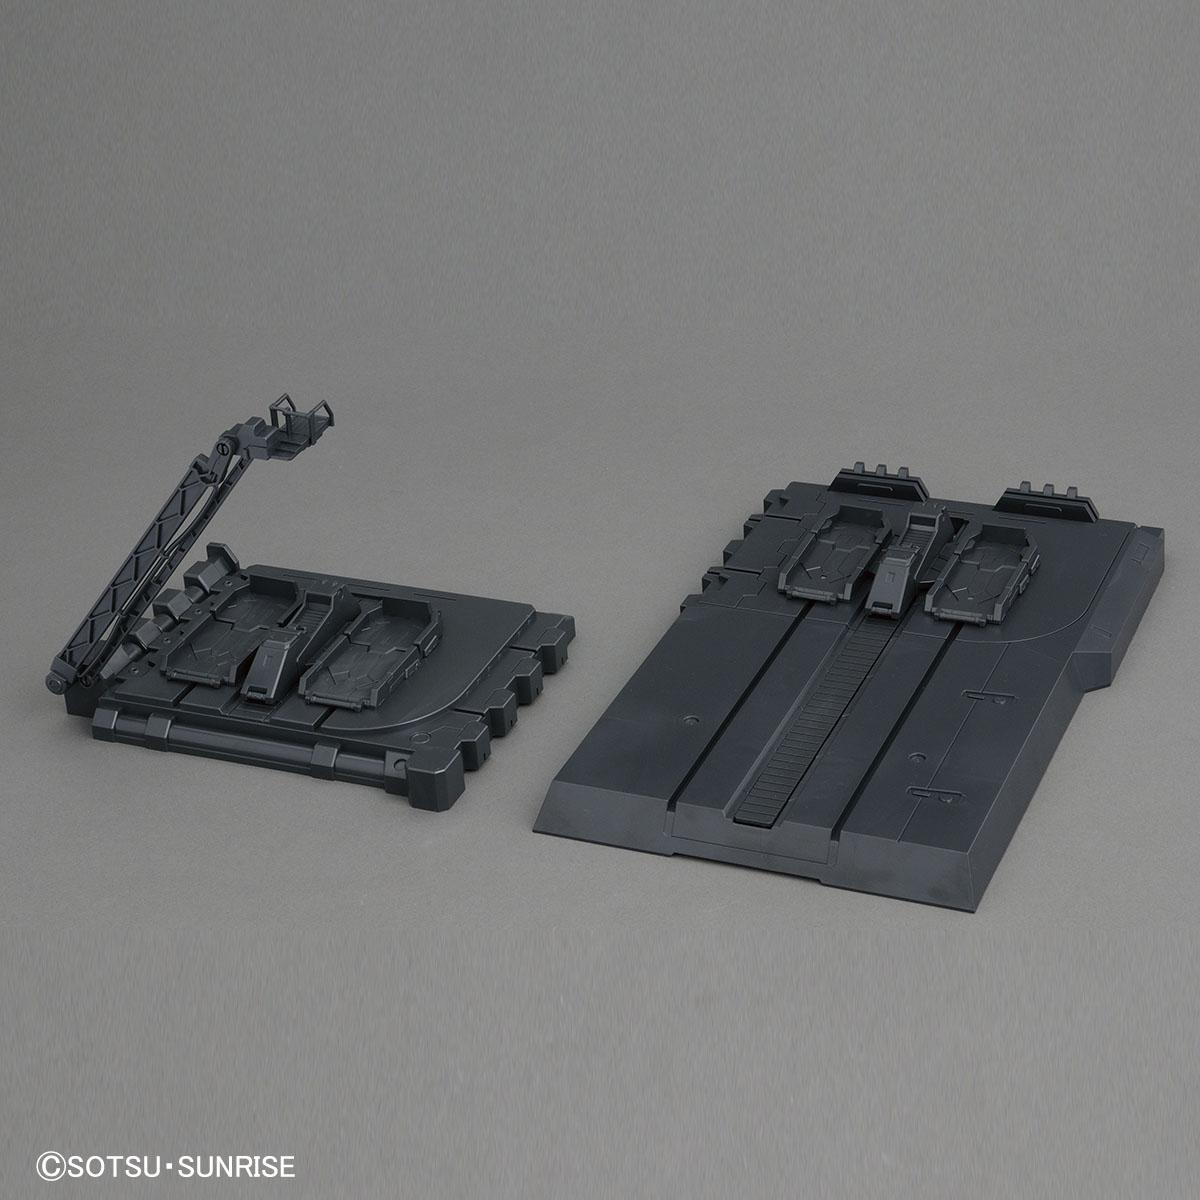 MG 1/100 ガンダムベース限定 カタパルトベース